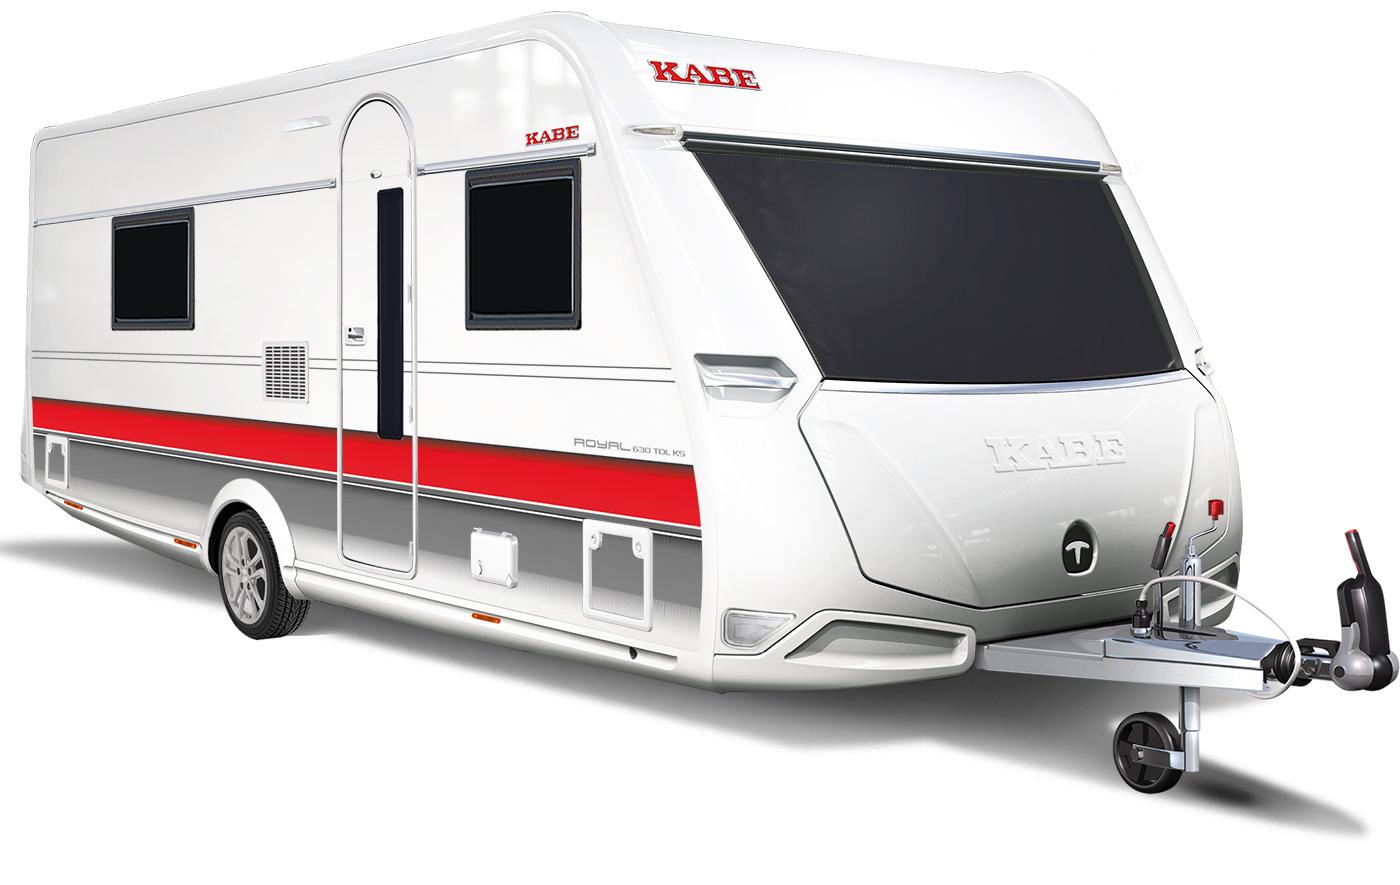 Kabe Royal 630 TDL